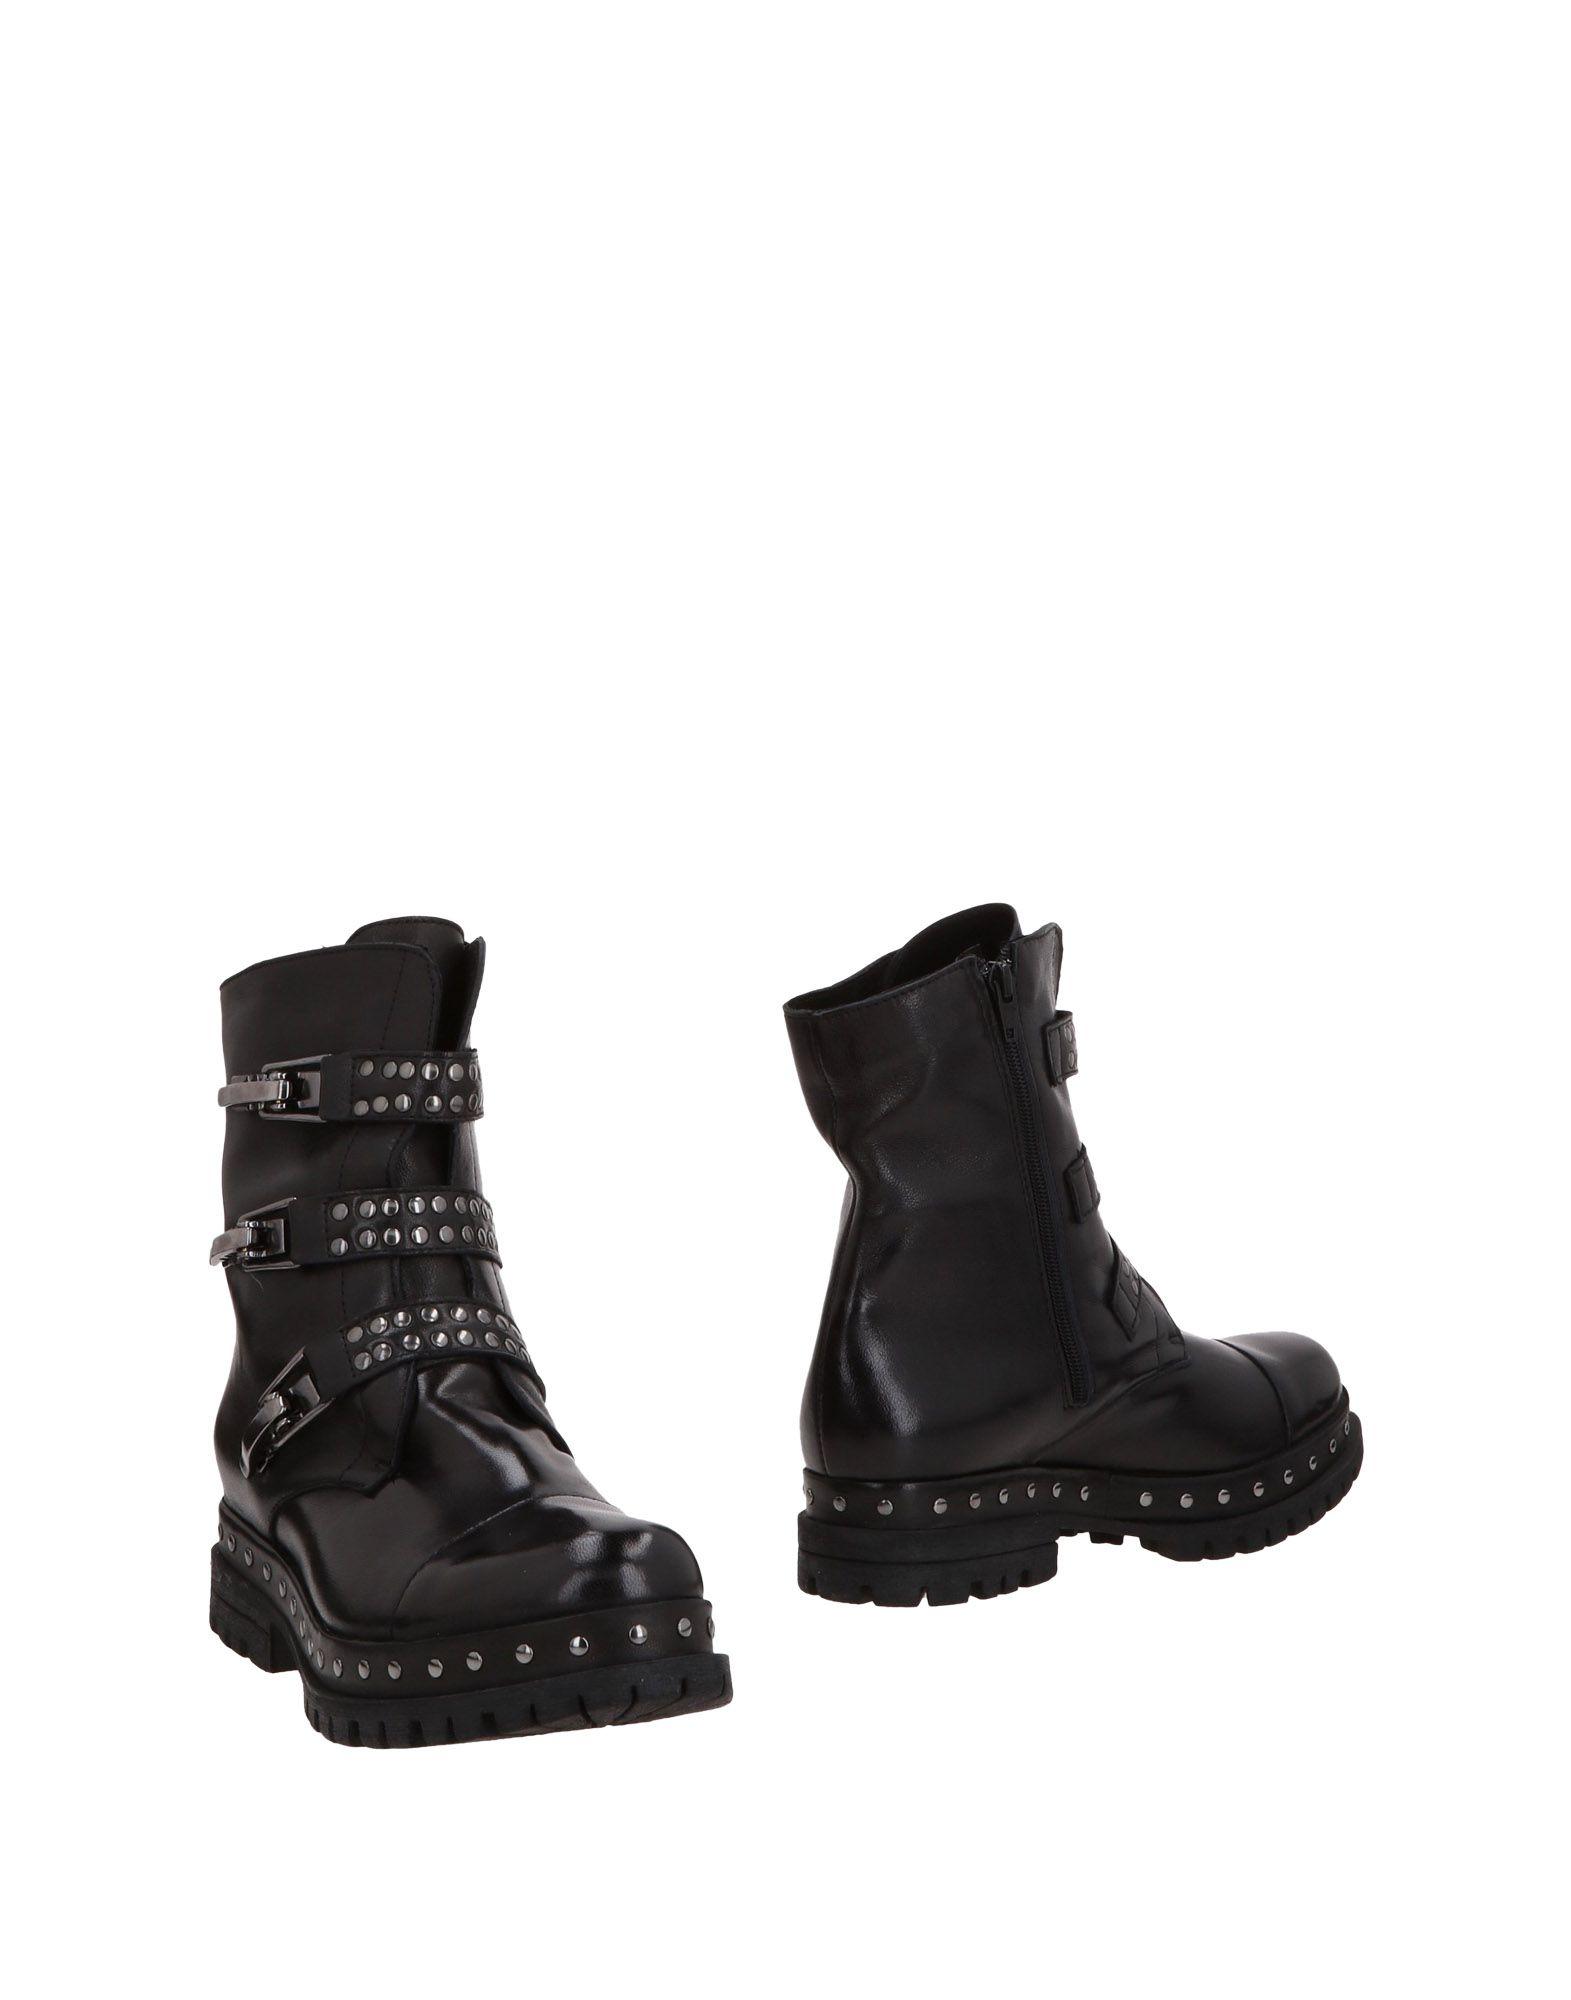 Unlace Stiefelette Schuhe Damen  11474917KG Gute Qualität beliebte Schuhe Stiefelette a2f556